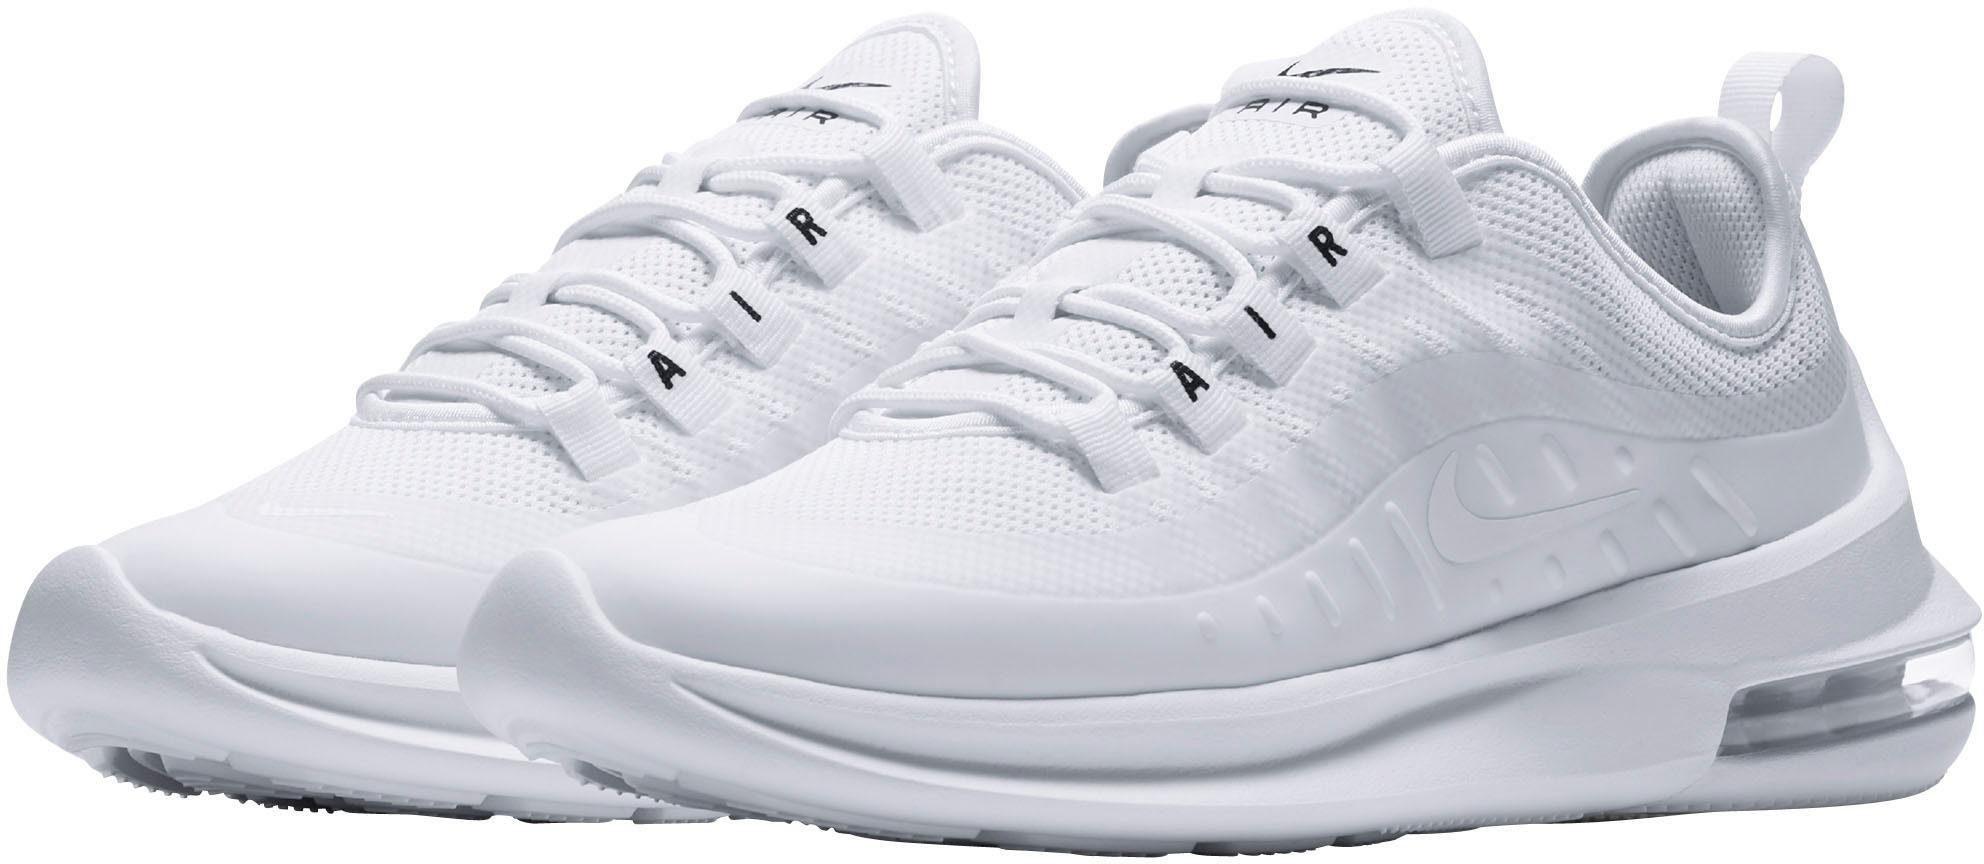 Witte Schoenen online kopen   Bekijk de collectie   OTTO